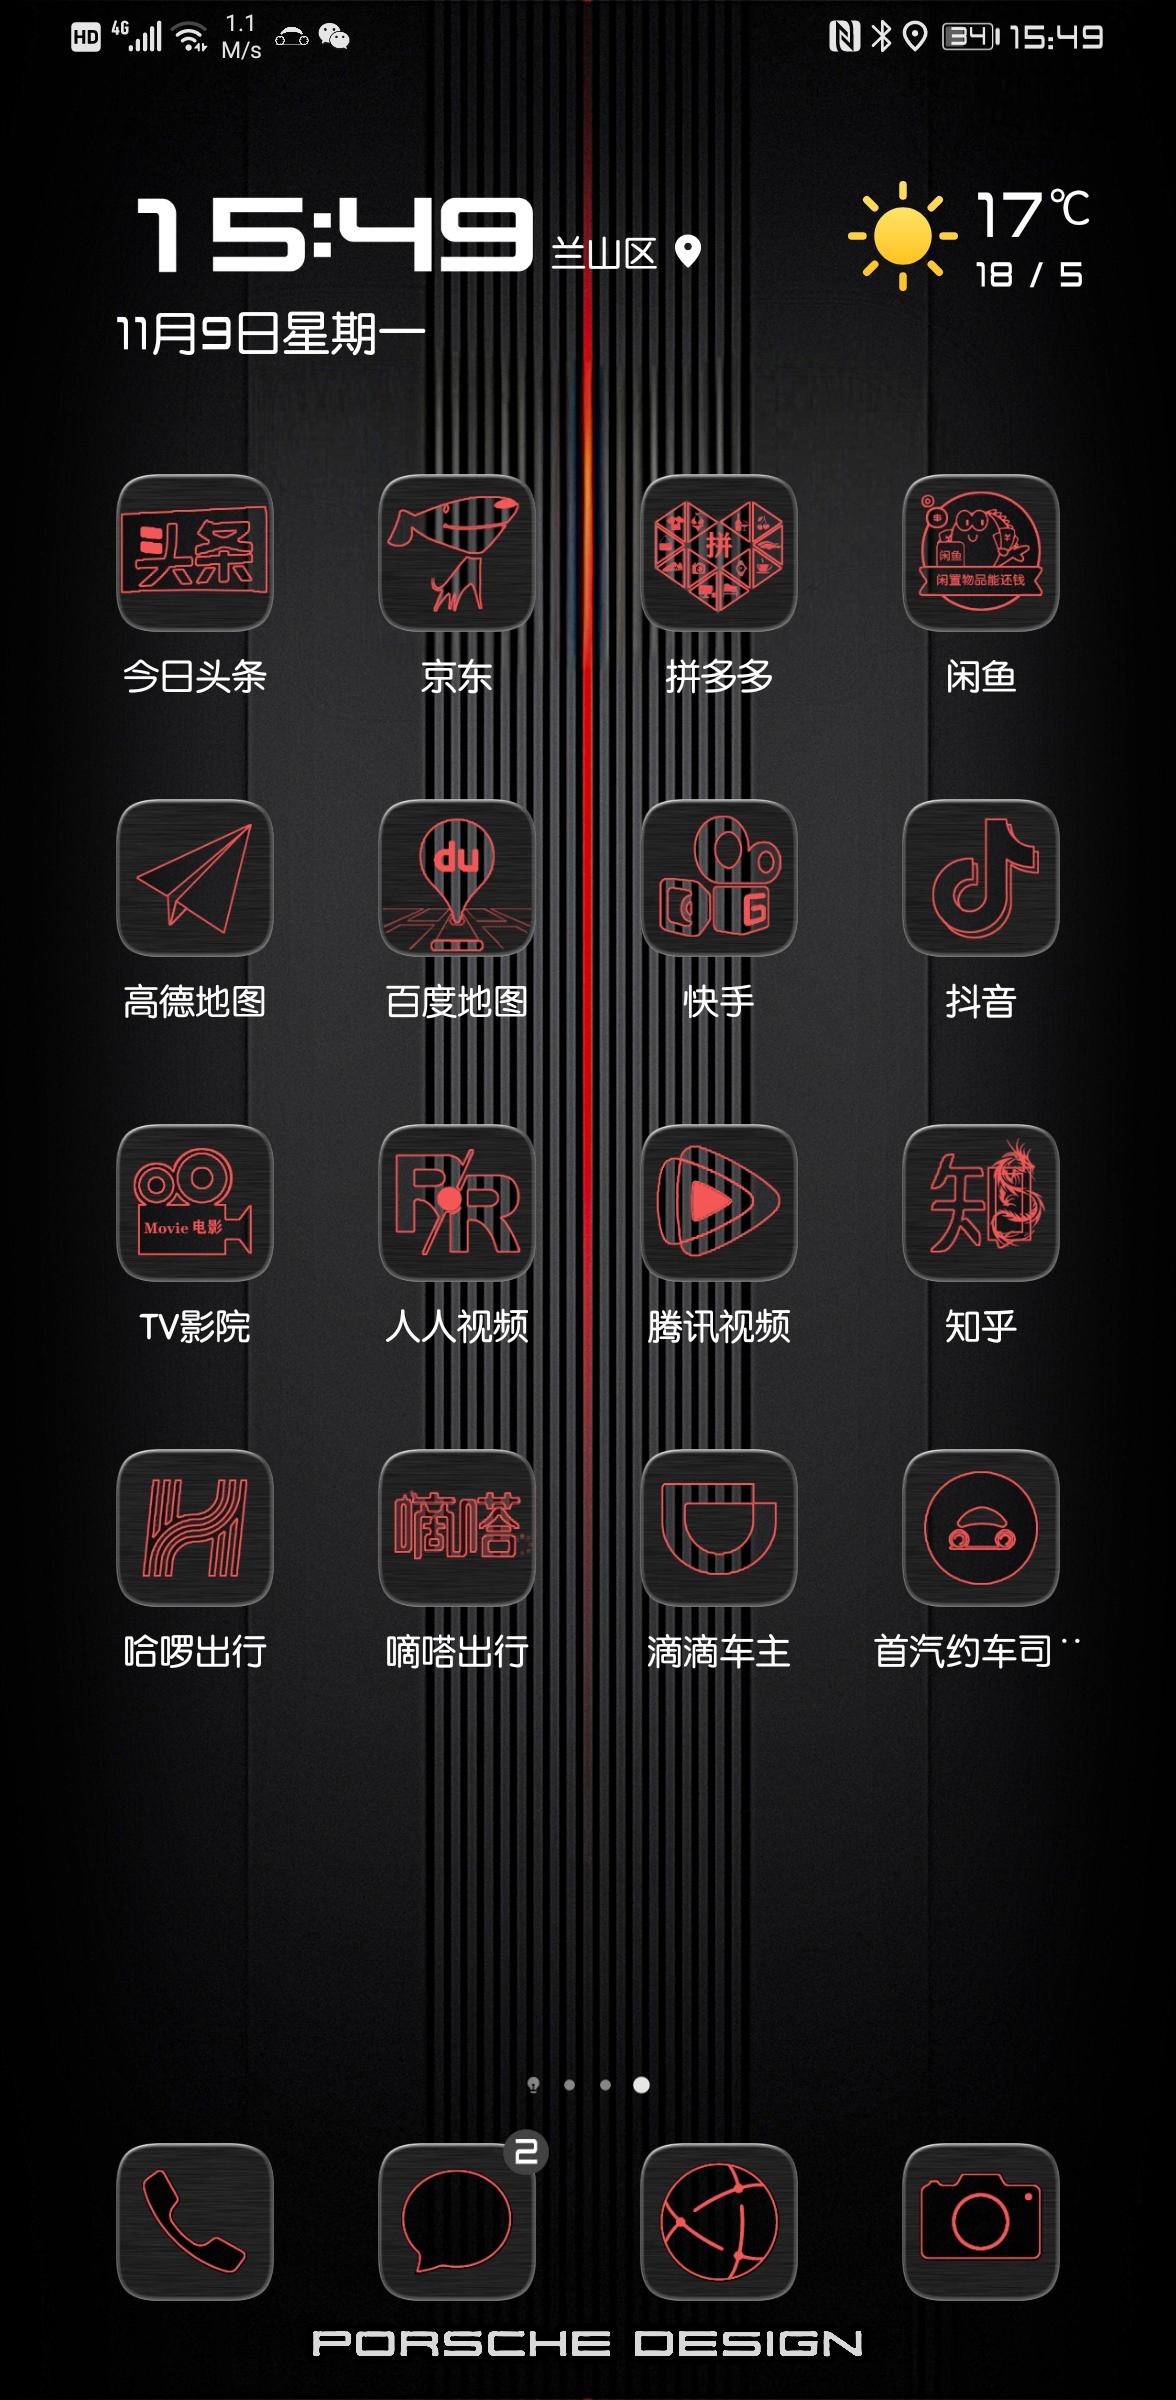 Screenshot_20201109_154951_com.huawei.android.launcher.jpg